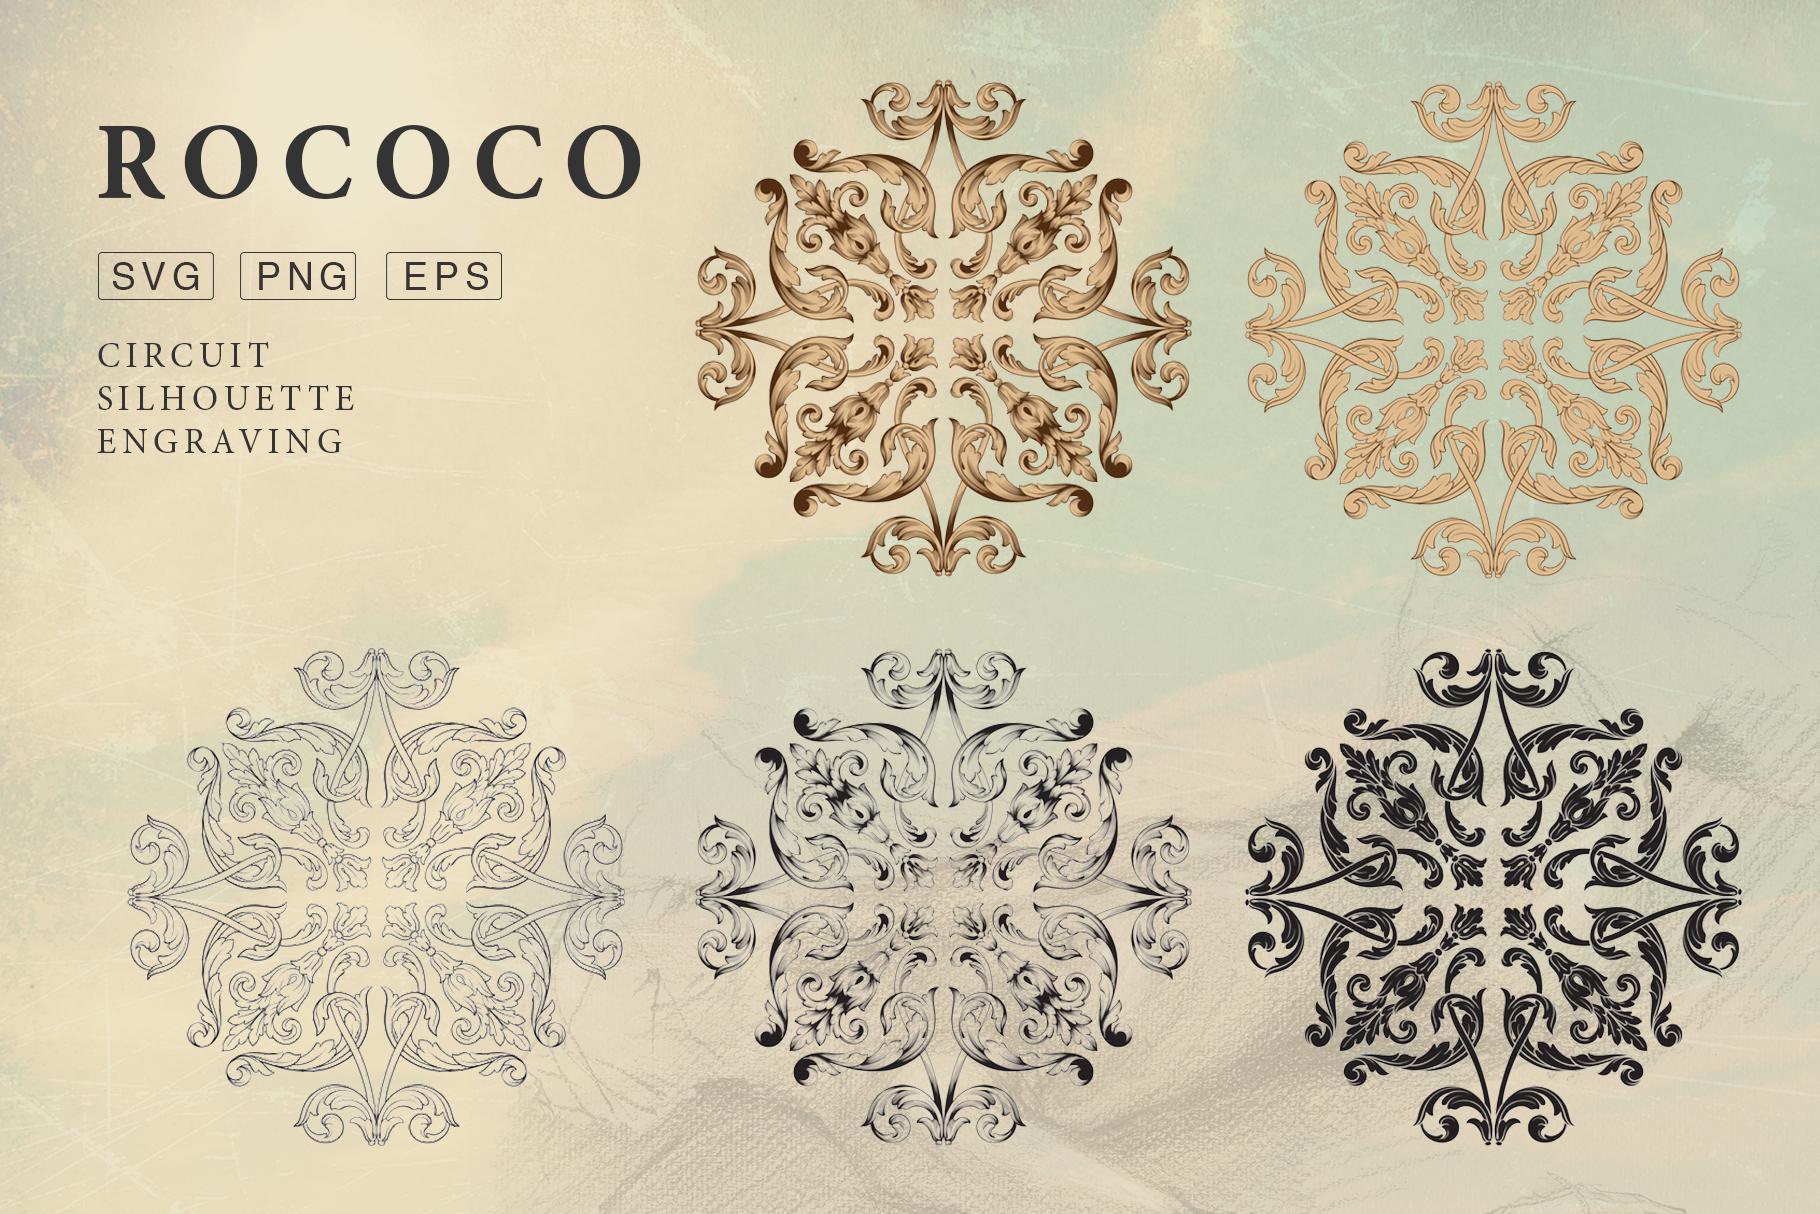 Rococo Romance Ornament page decor example image 5